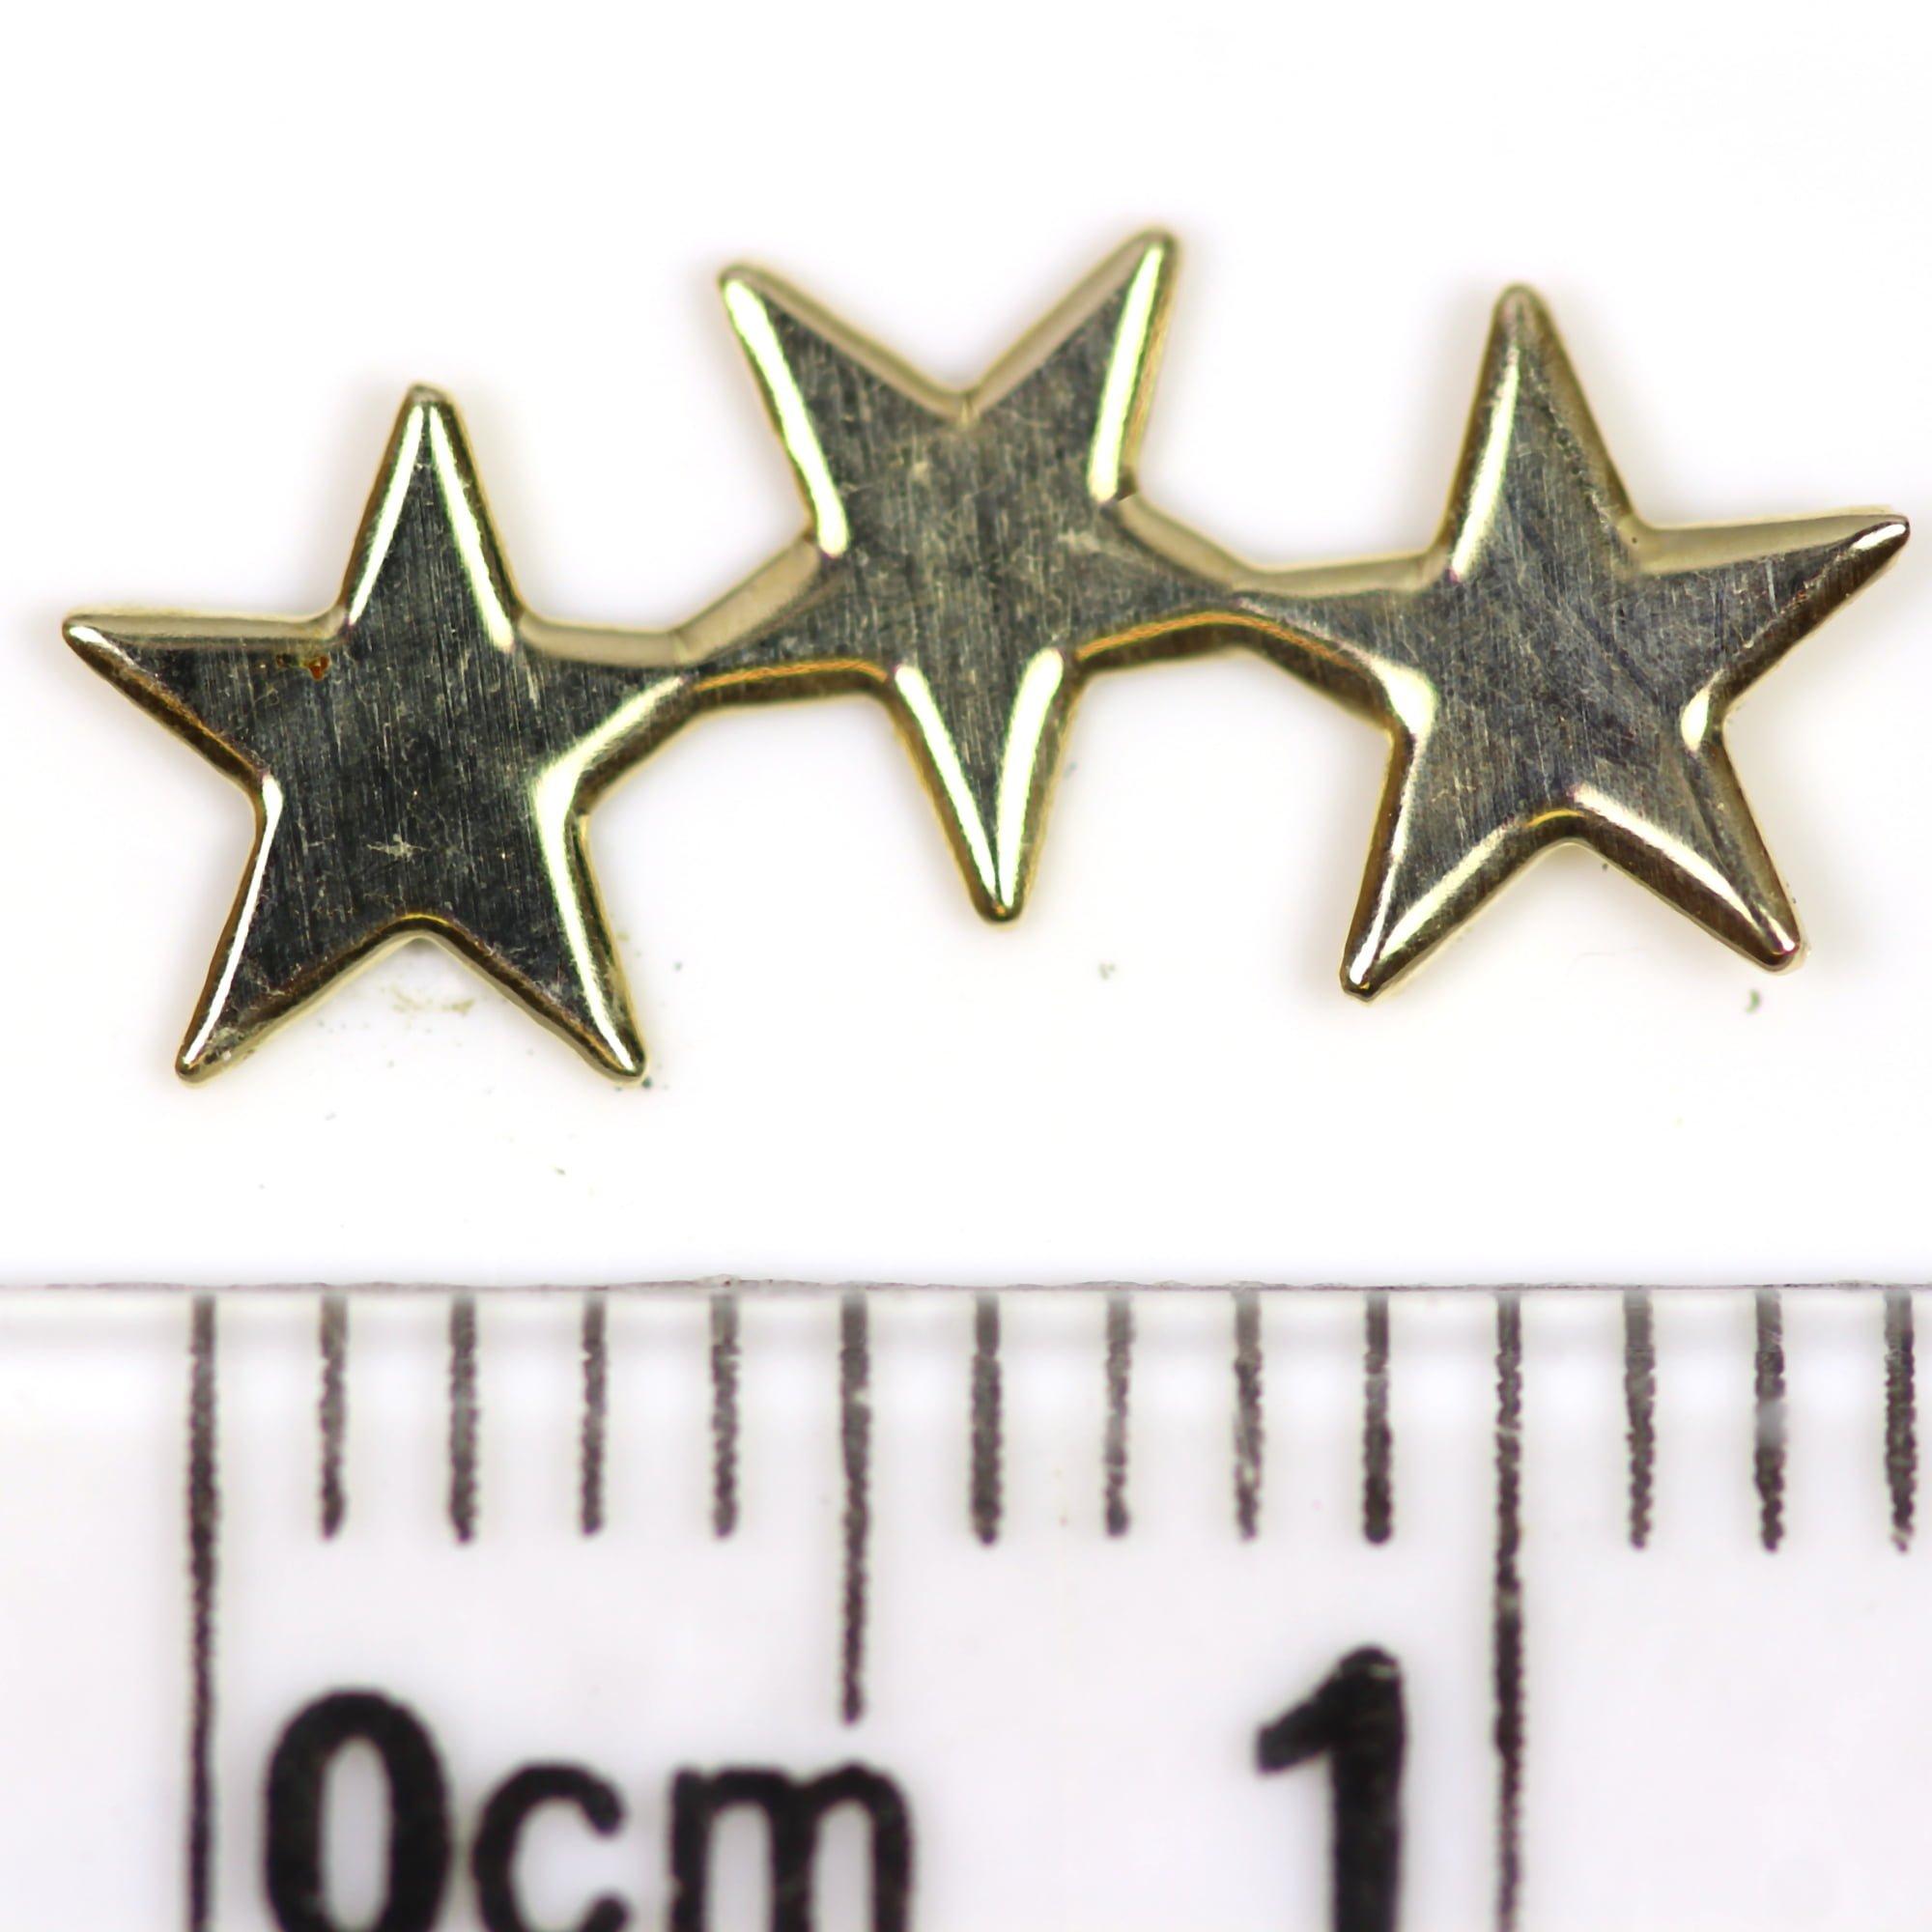 9ct gold cascading star earrings ruler